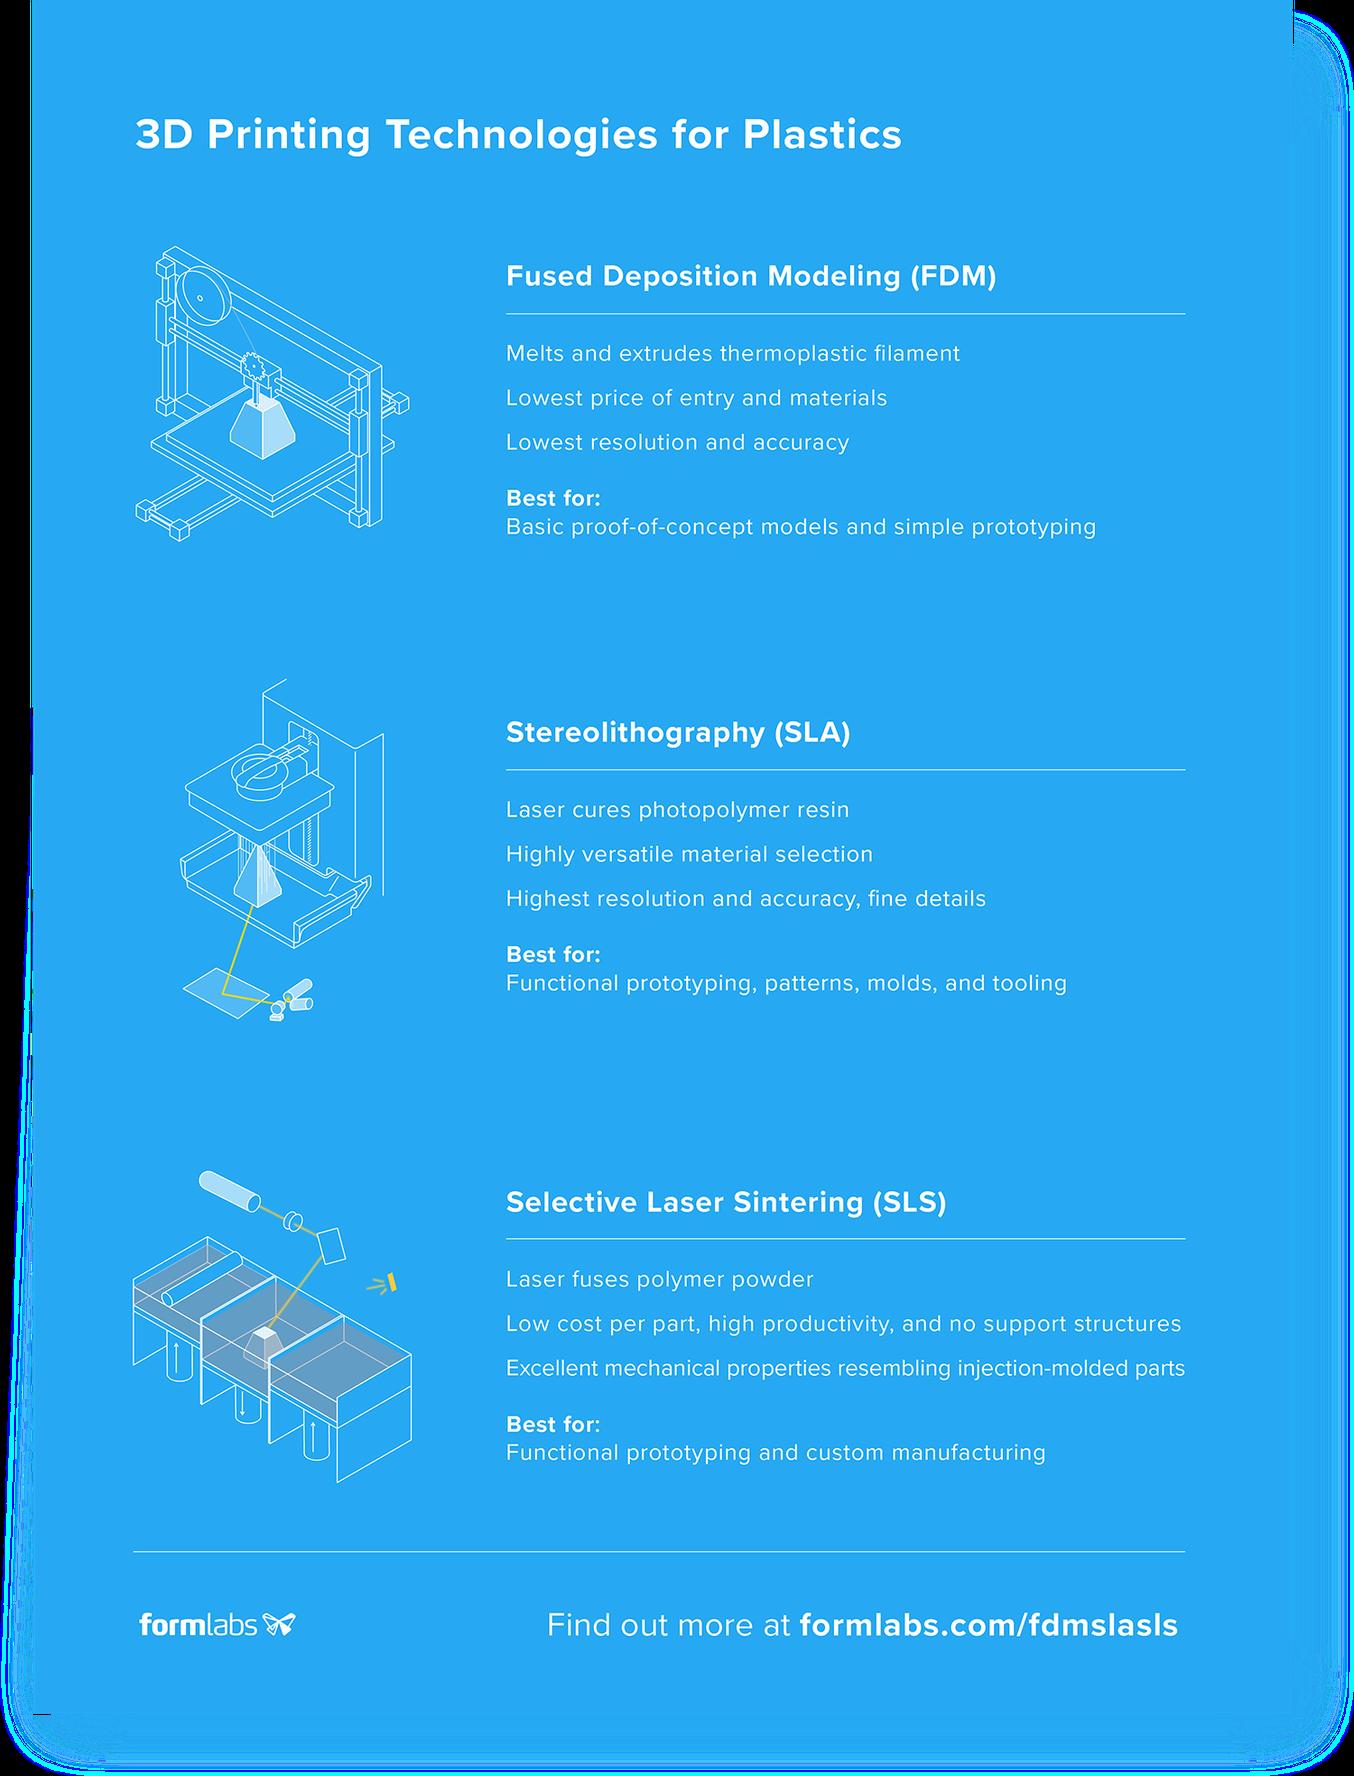 Infografía de comparación de tecnología de impresión 3D: FDM vs. SLA vs. SLS